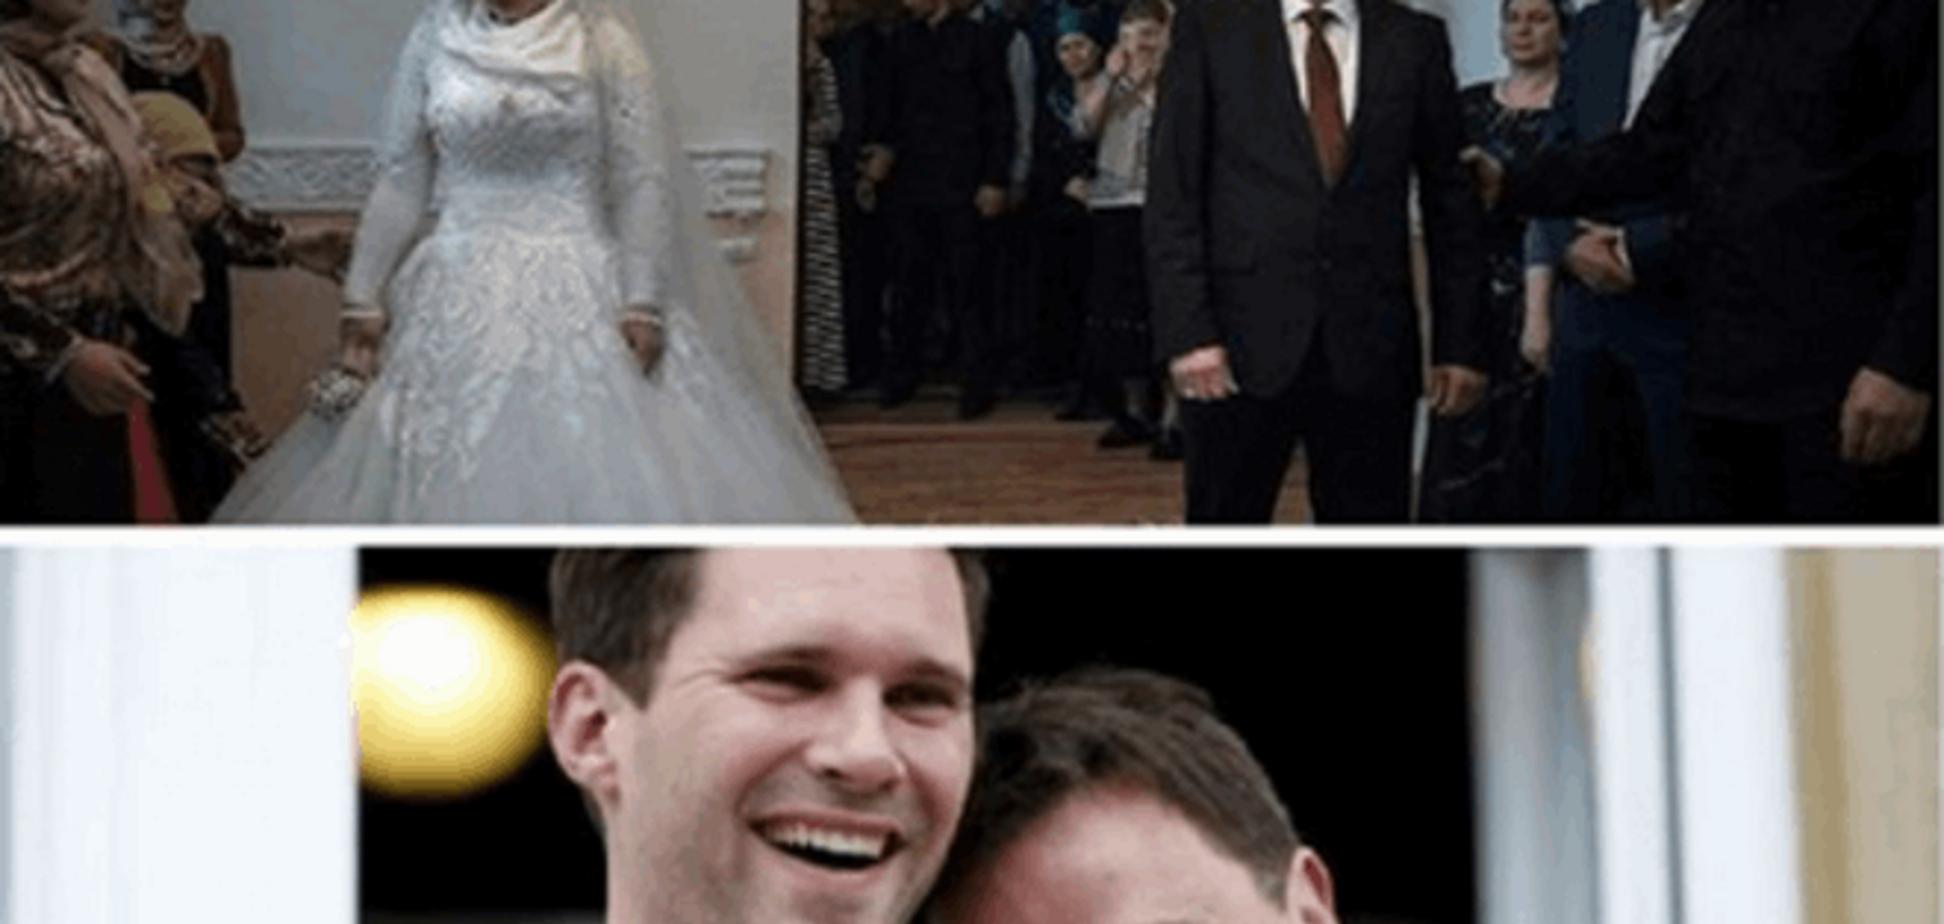 Кто счастливей? В сети сравнили неравный брак в Чечне и гей-свадьбу в Люксембурге: фотофакт